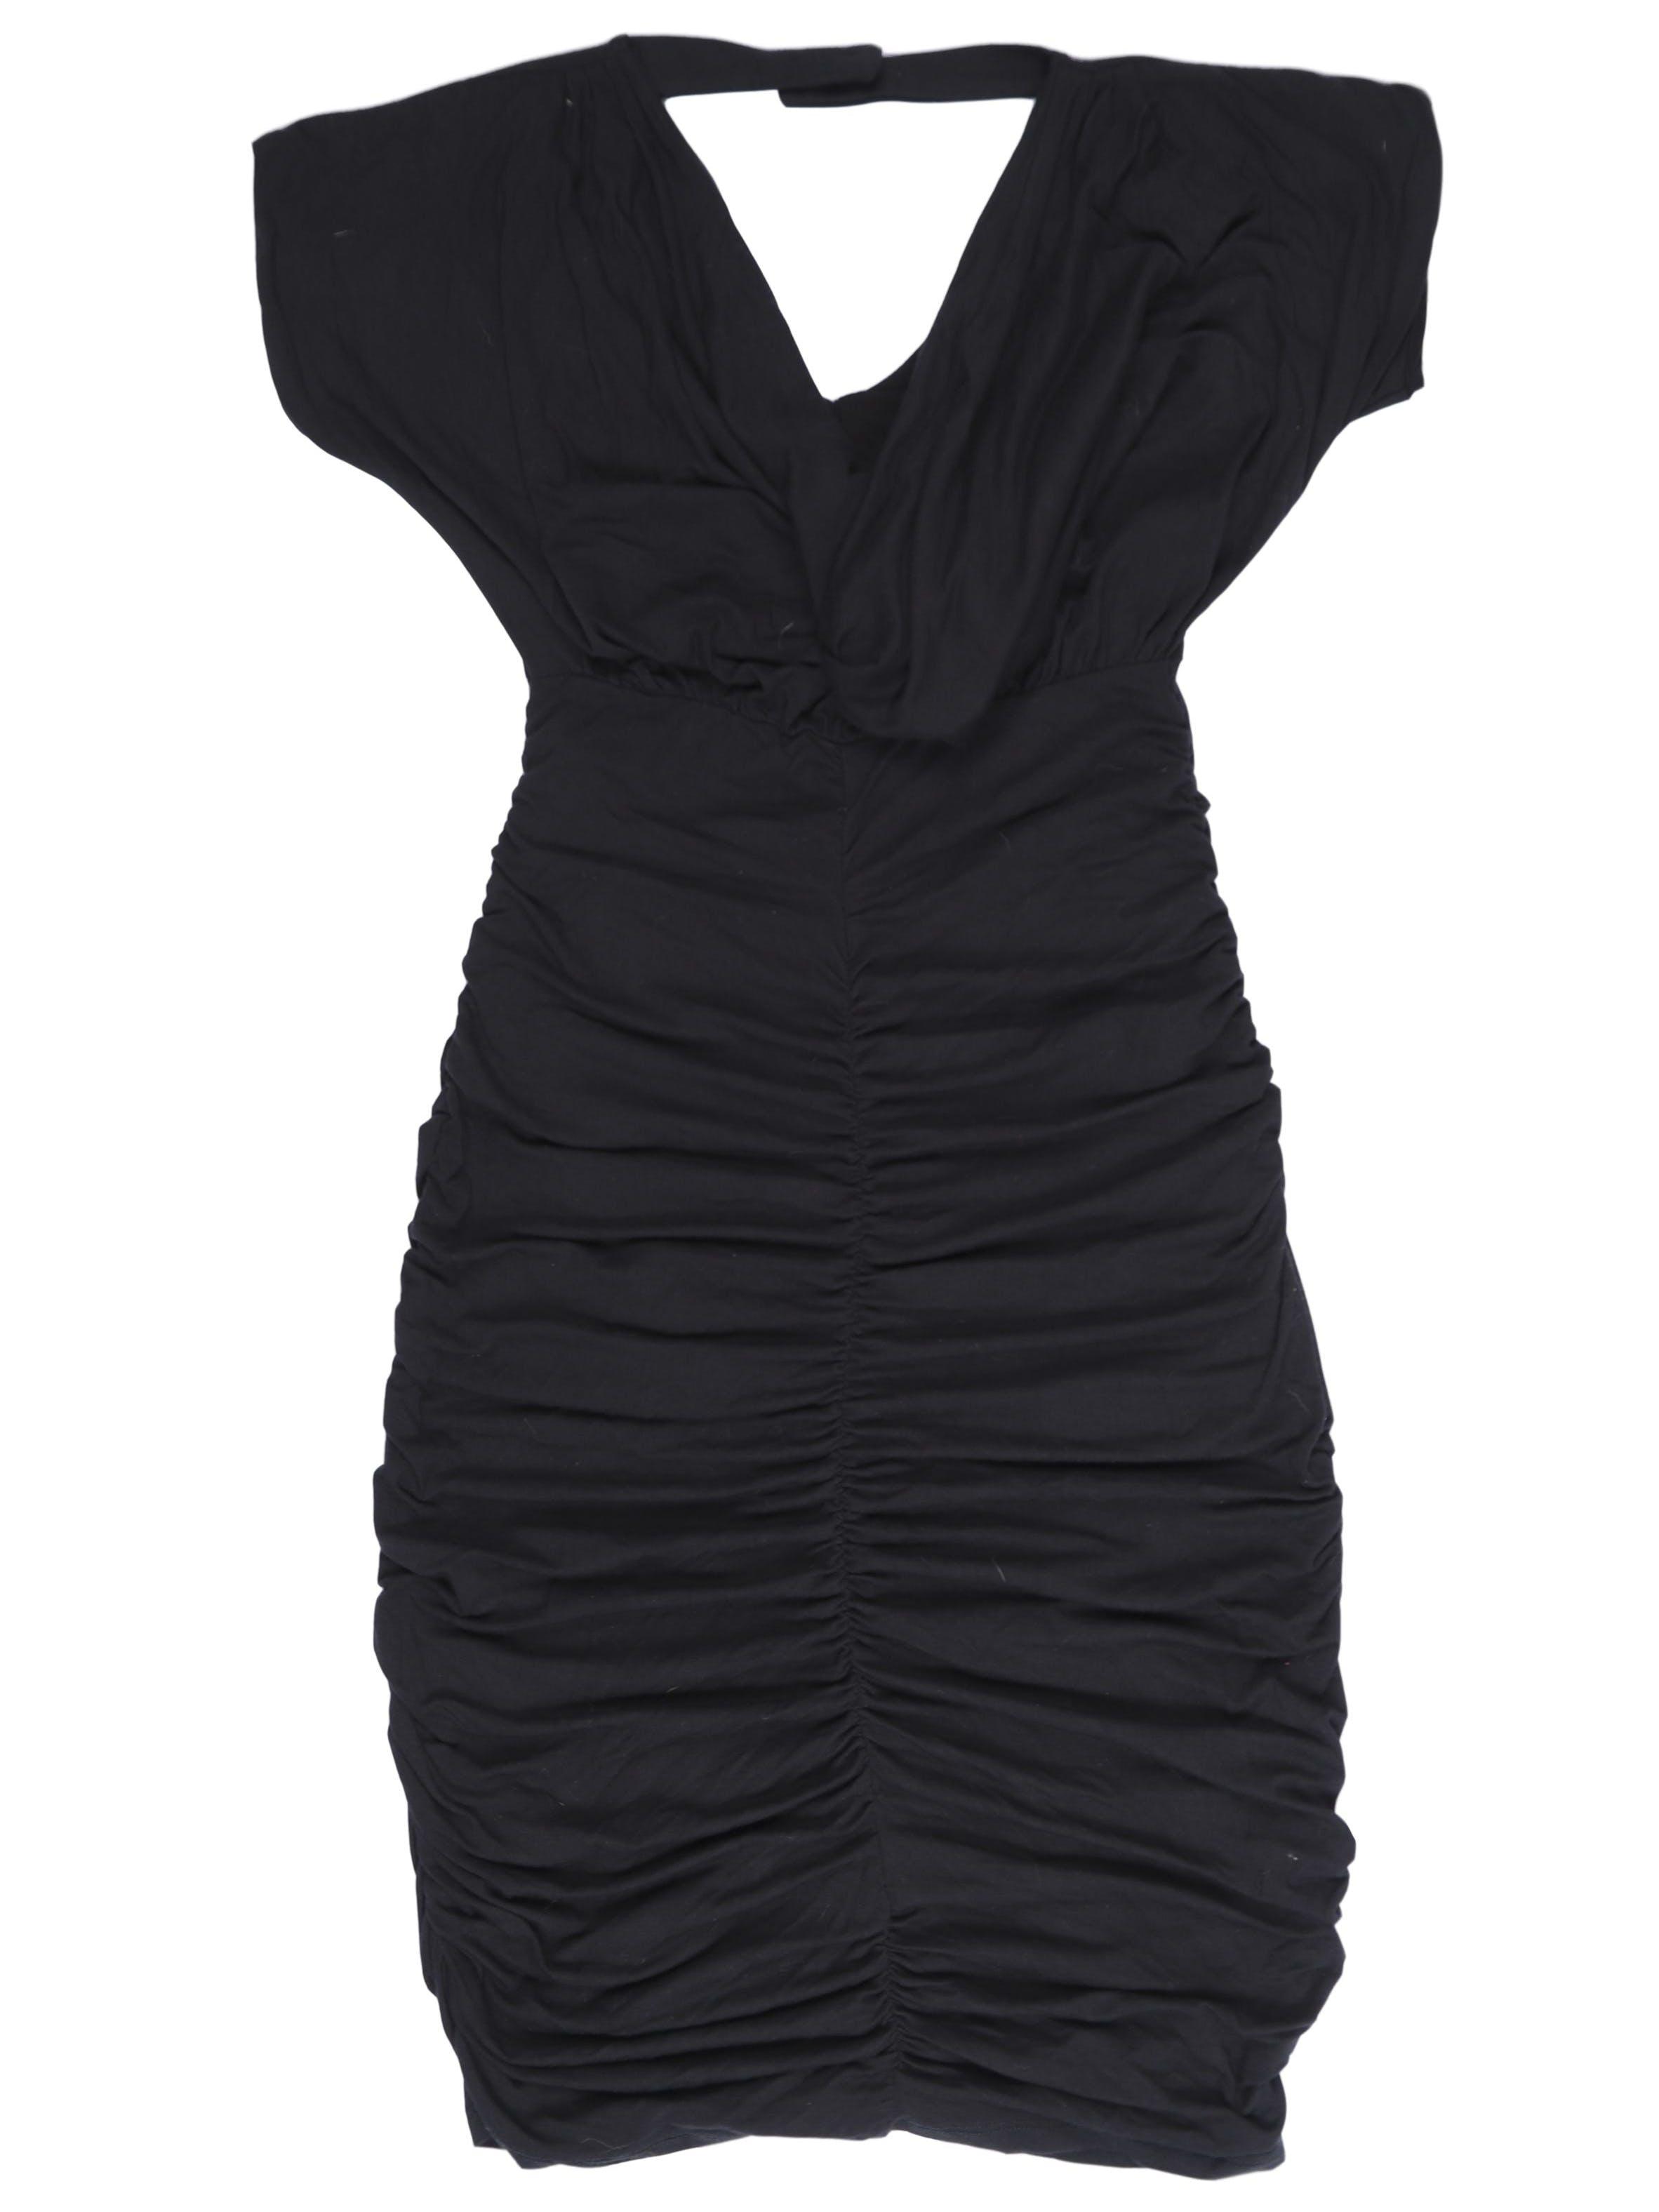 Vestido John Holden negro de algodón stretch, cuello caído, botón posterior y escote en la espalda, falda tubo drapeada a la rodilla. Largo 88cm. Nuevo con etiqueta. Precio original S/ 200